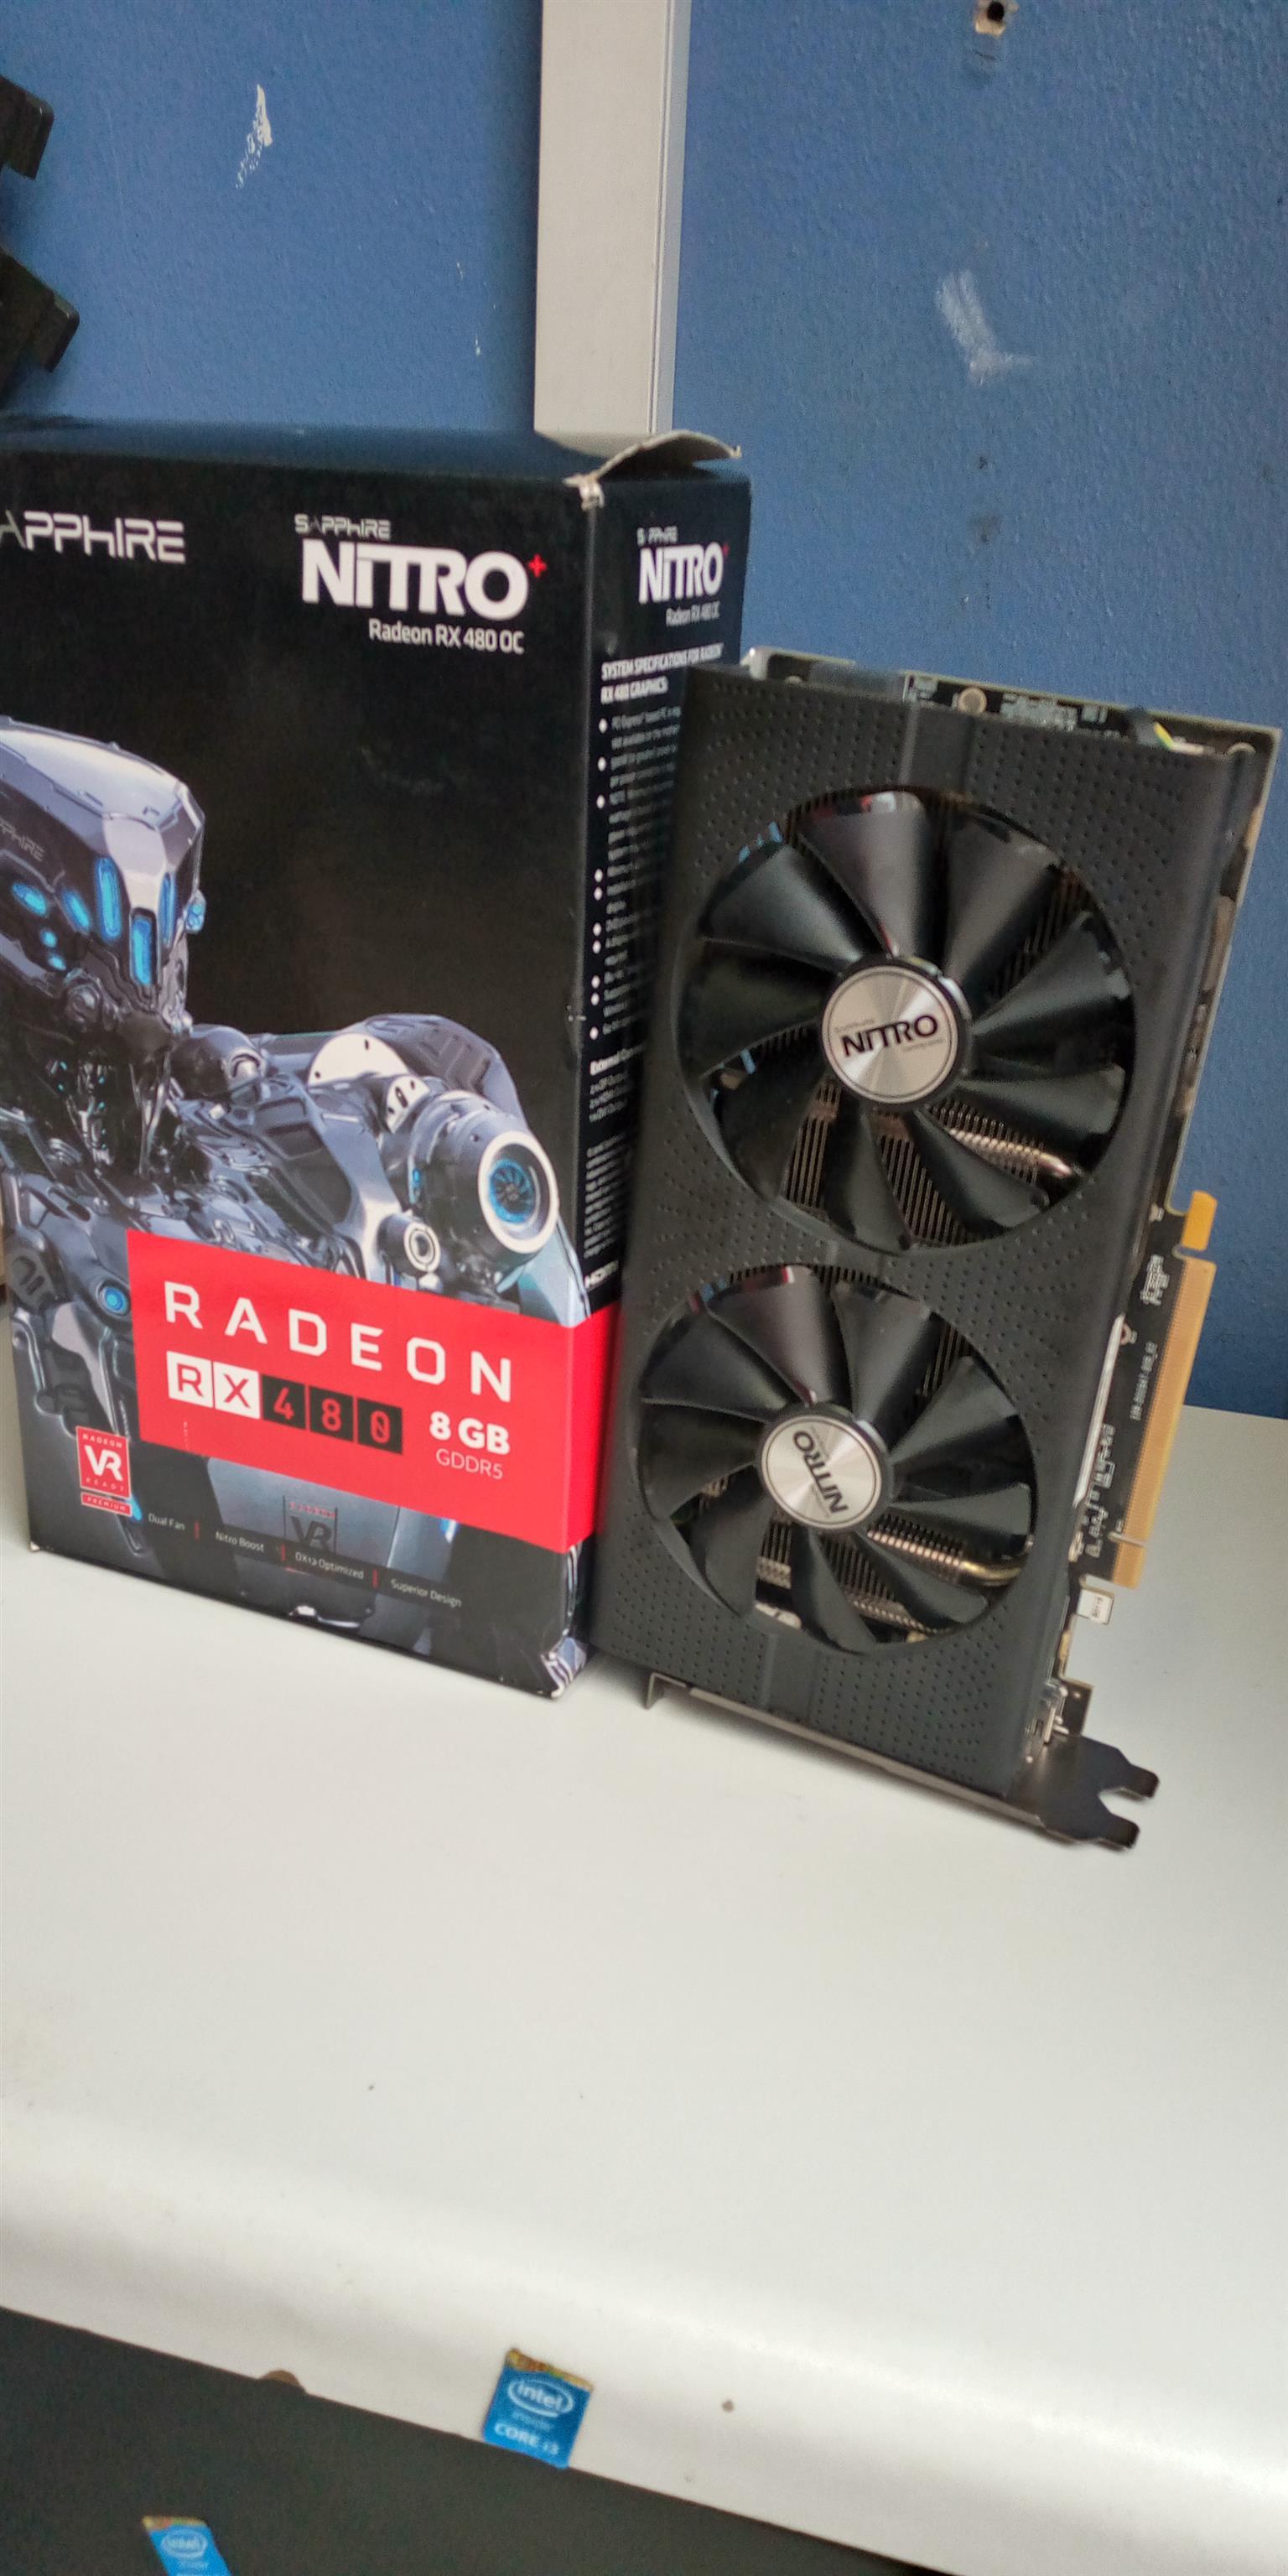 NewSapphire Radeon RX 480 Nitro+ OC 8GB GDDR5 256bit PCI-E 3.0 Desktop